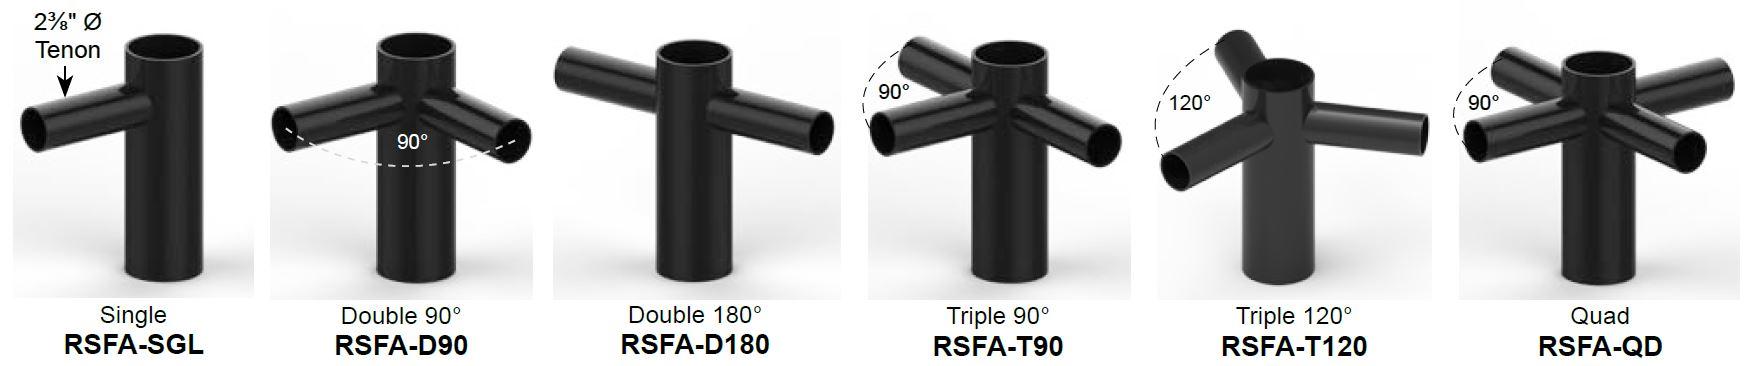 SFA_RND_dimensions